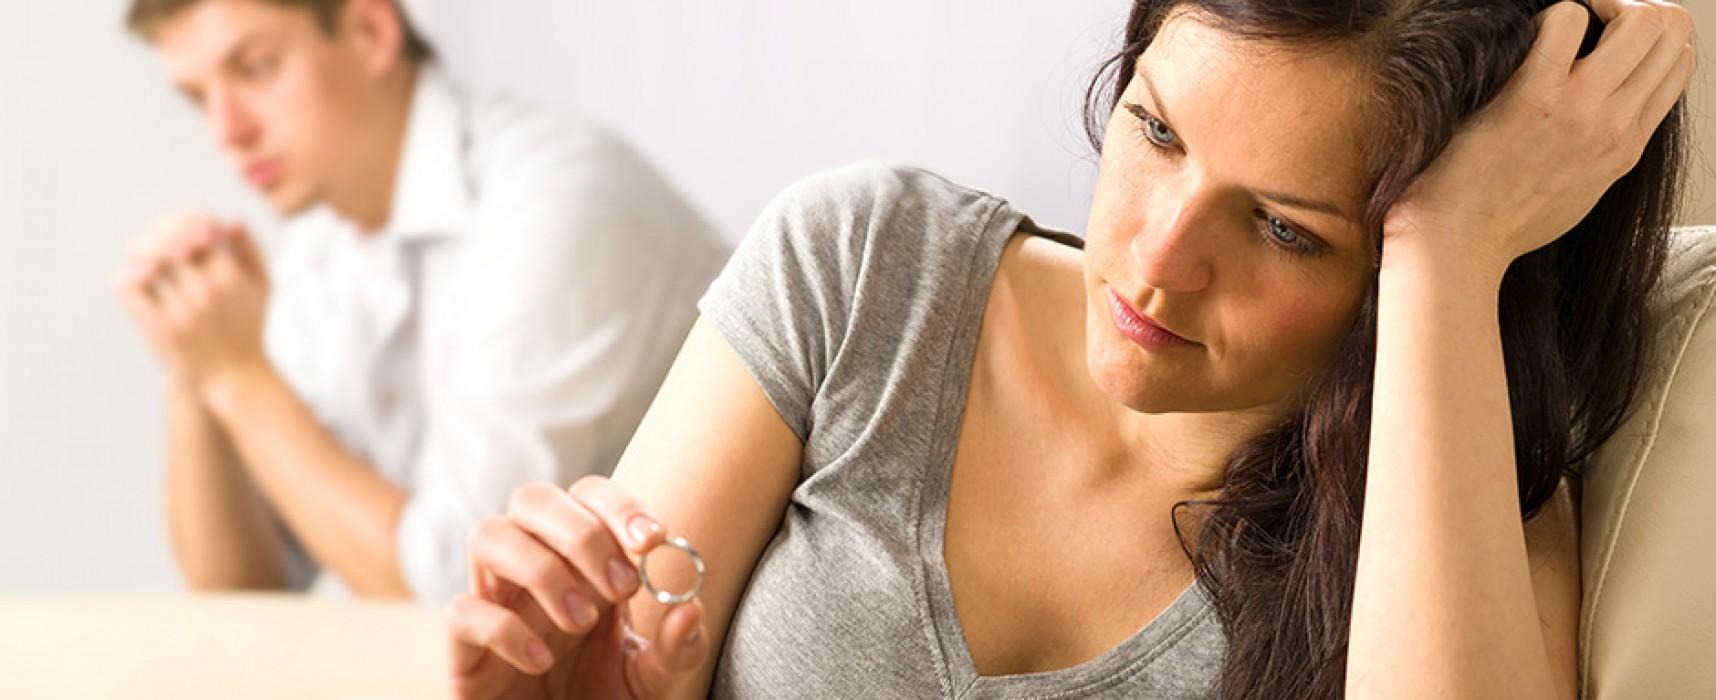 Motivos psicológicos para o divórcio